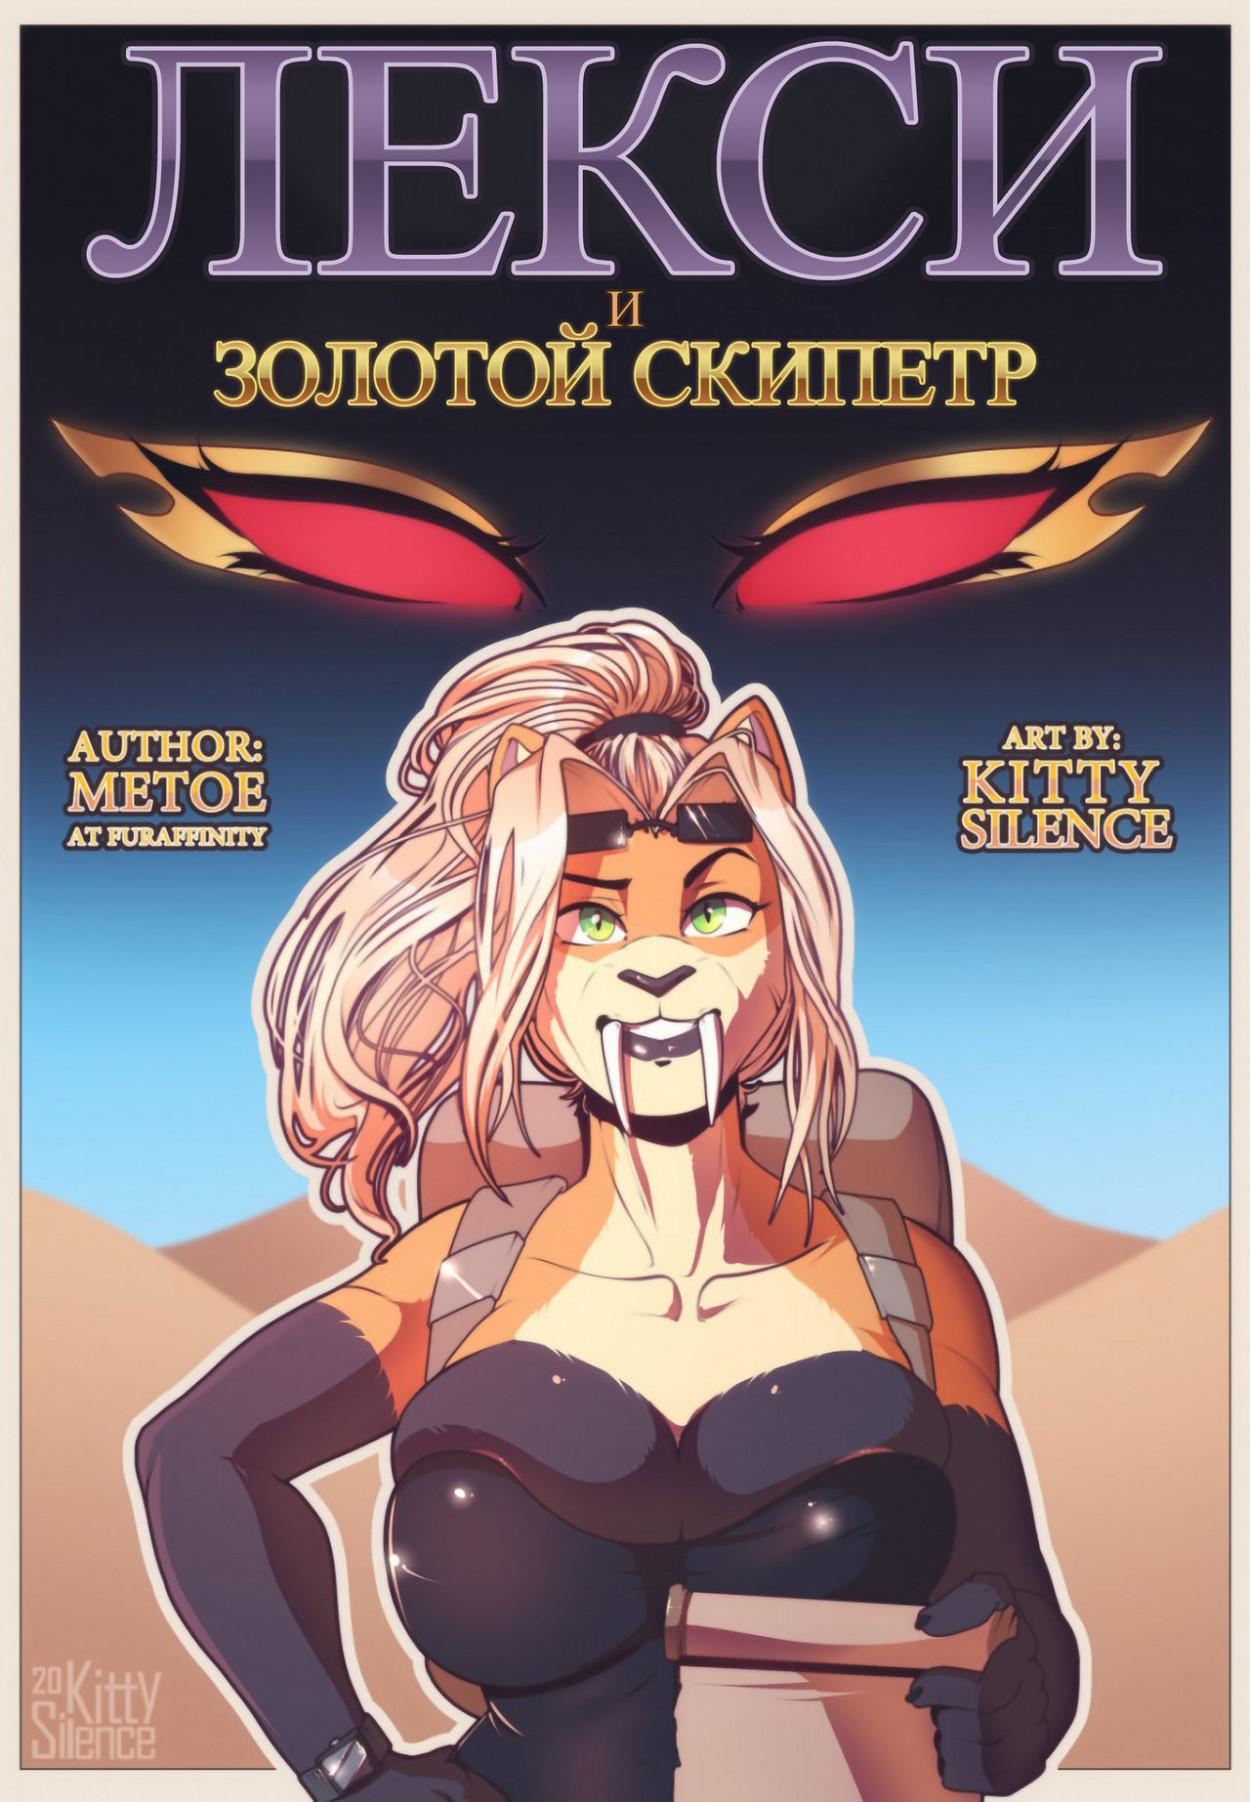 Порно комиксы - Лекси и золотой скипетр Минет, Порно комиксы, Фурри